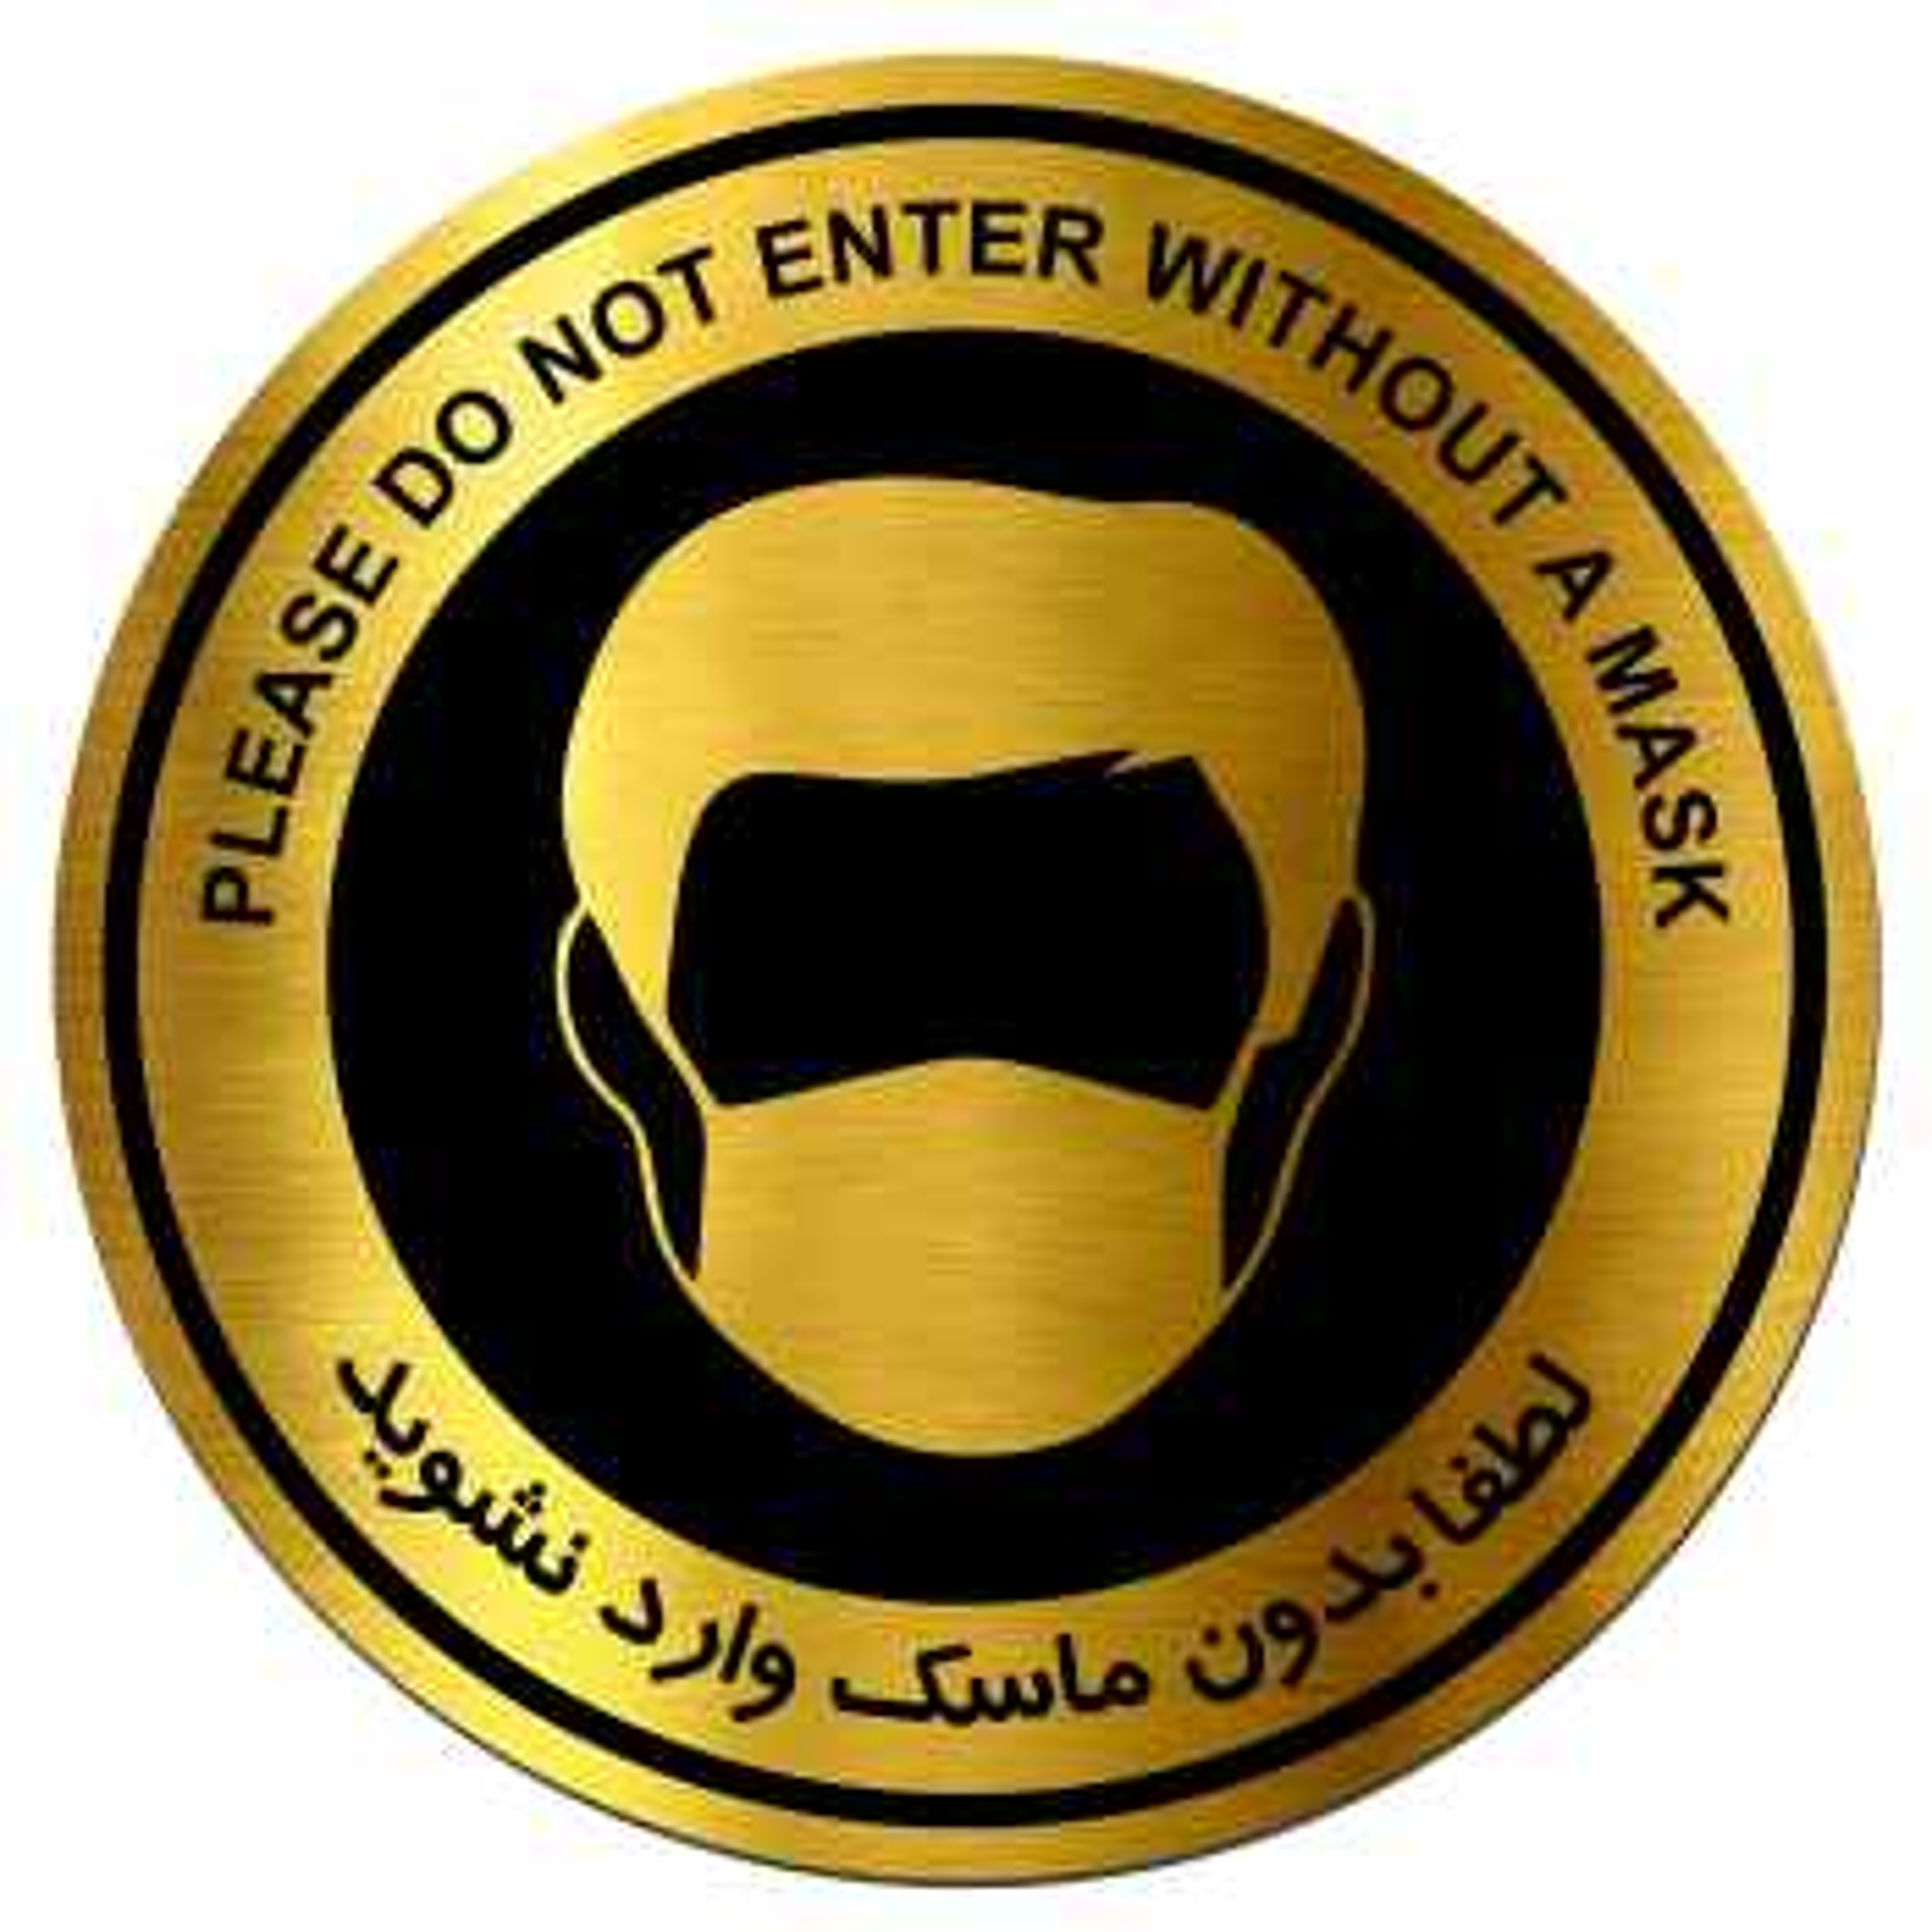 تابلو راهنما گروه آژنگ طرح لطفا بدون ماسک وارد نشوید کدM-1